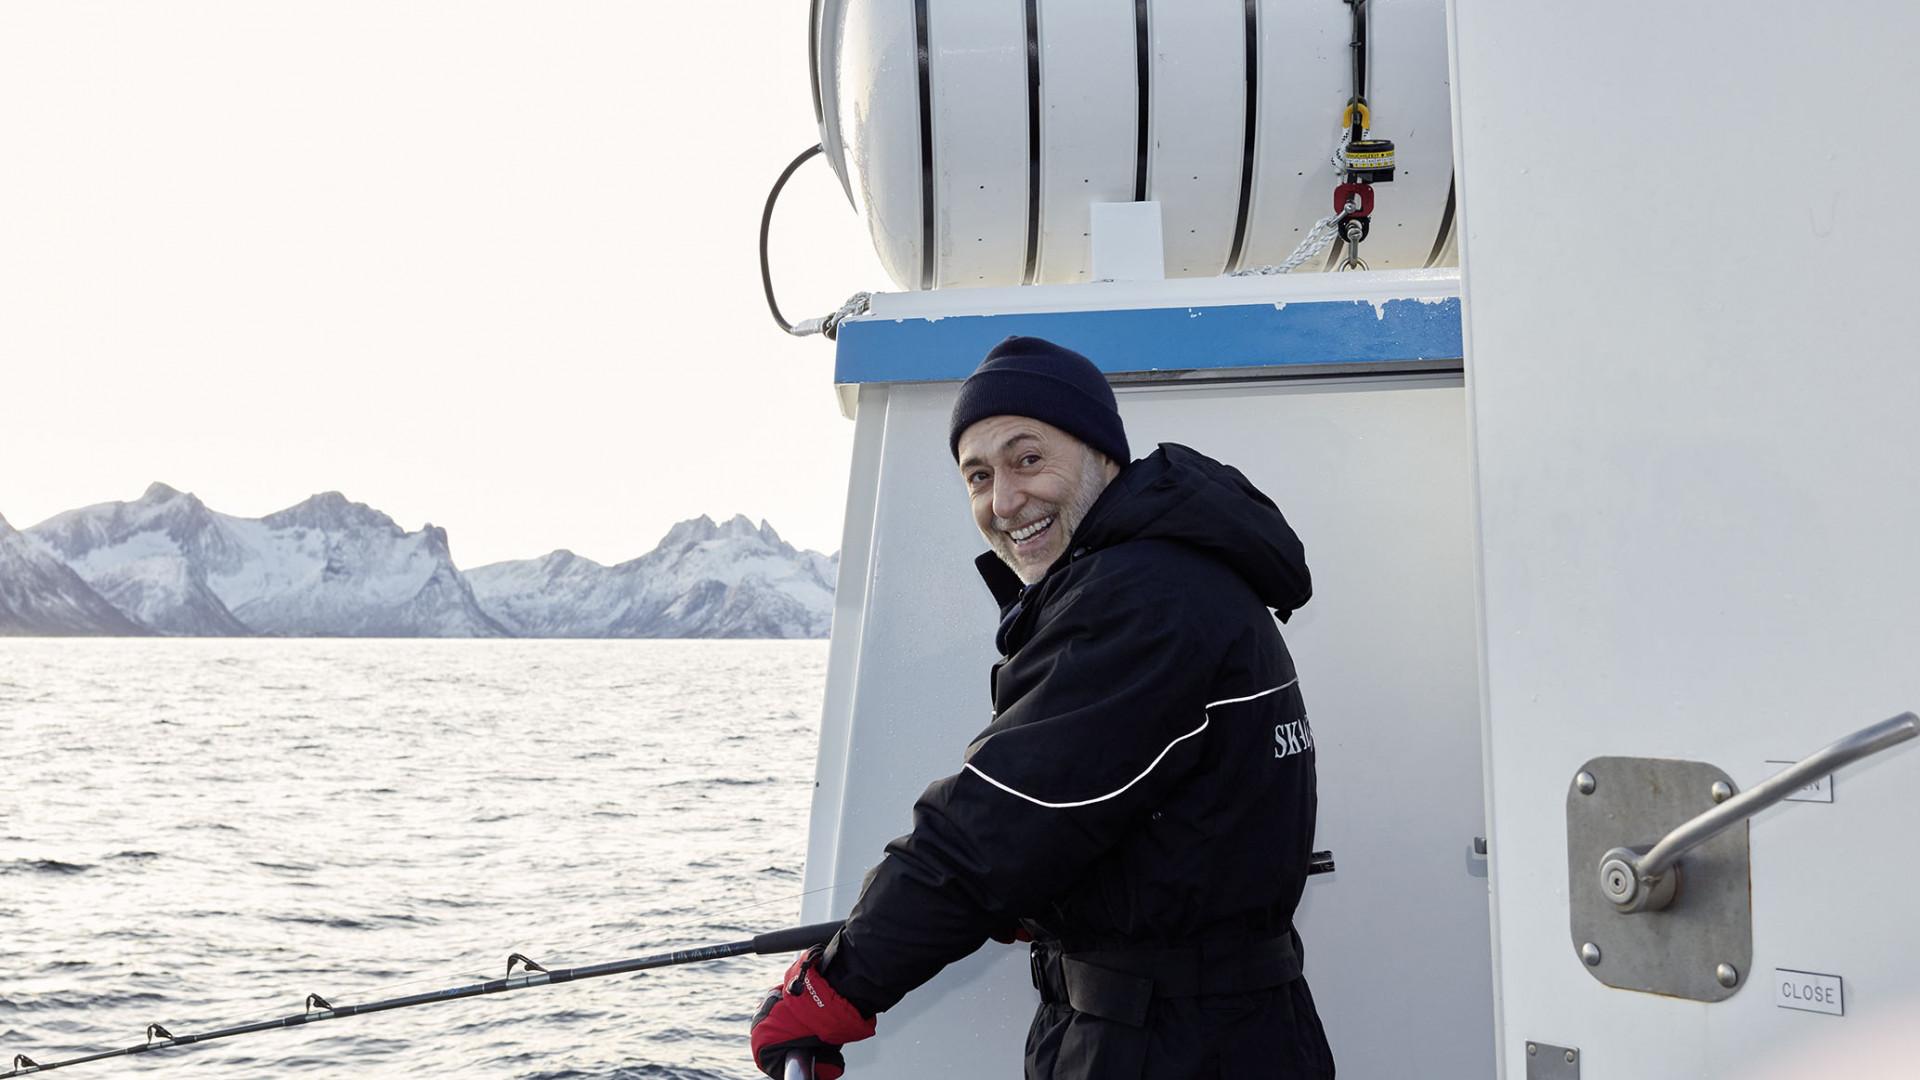 Michel Roux Jr on board the Skrei fishing boat